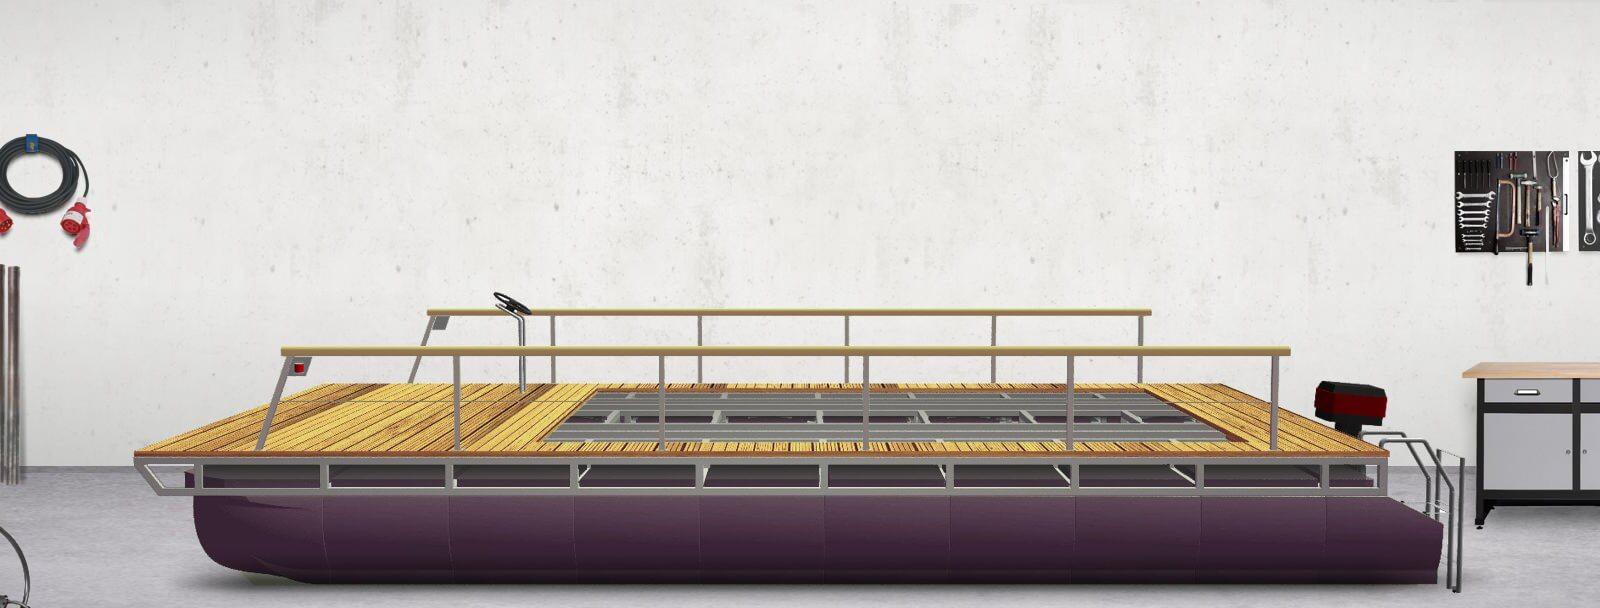 pontoon-trimaran with bathing ladder